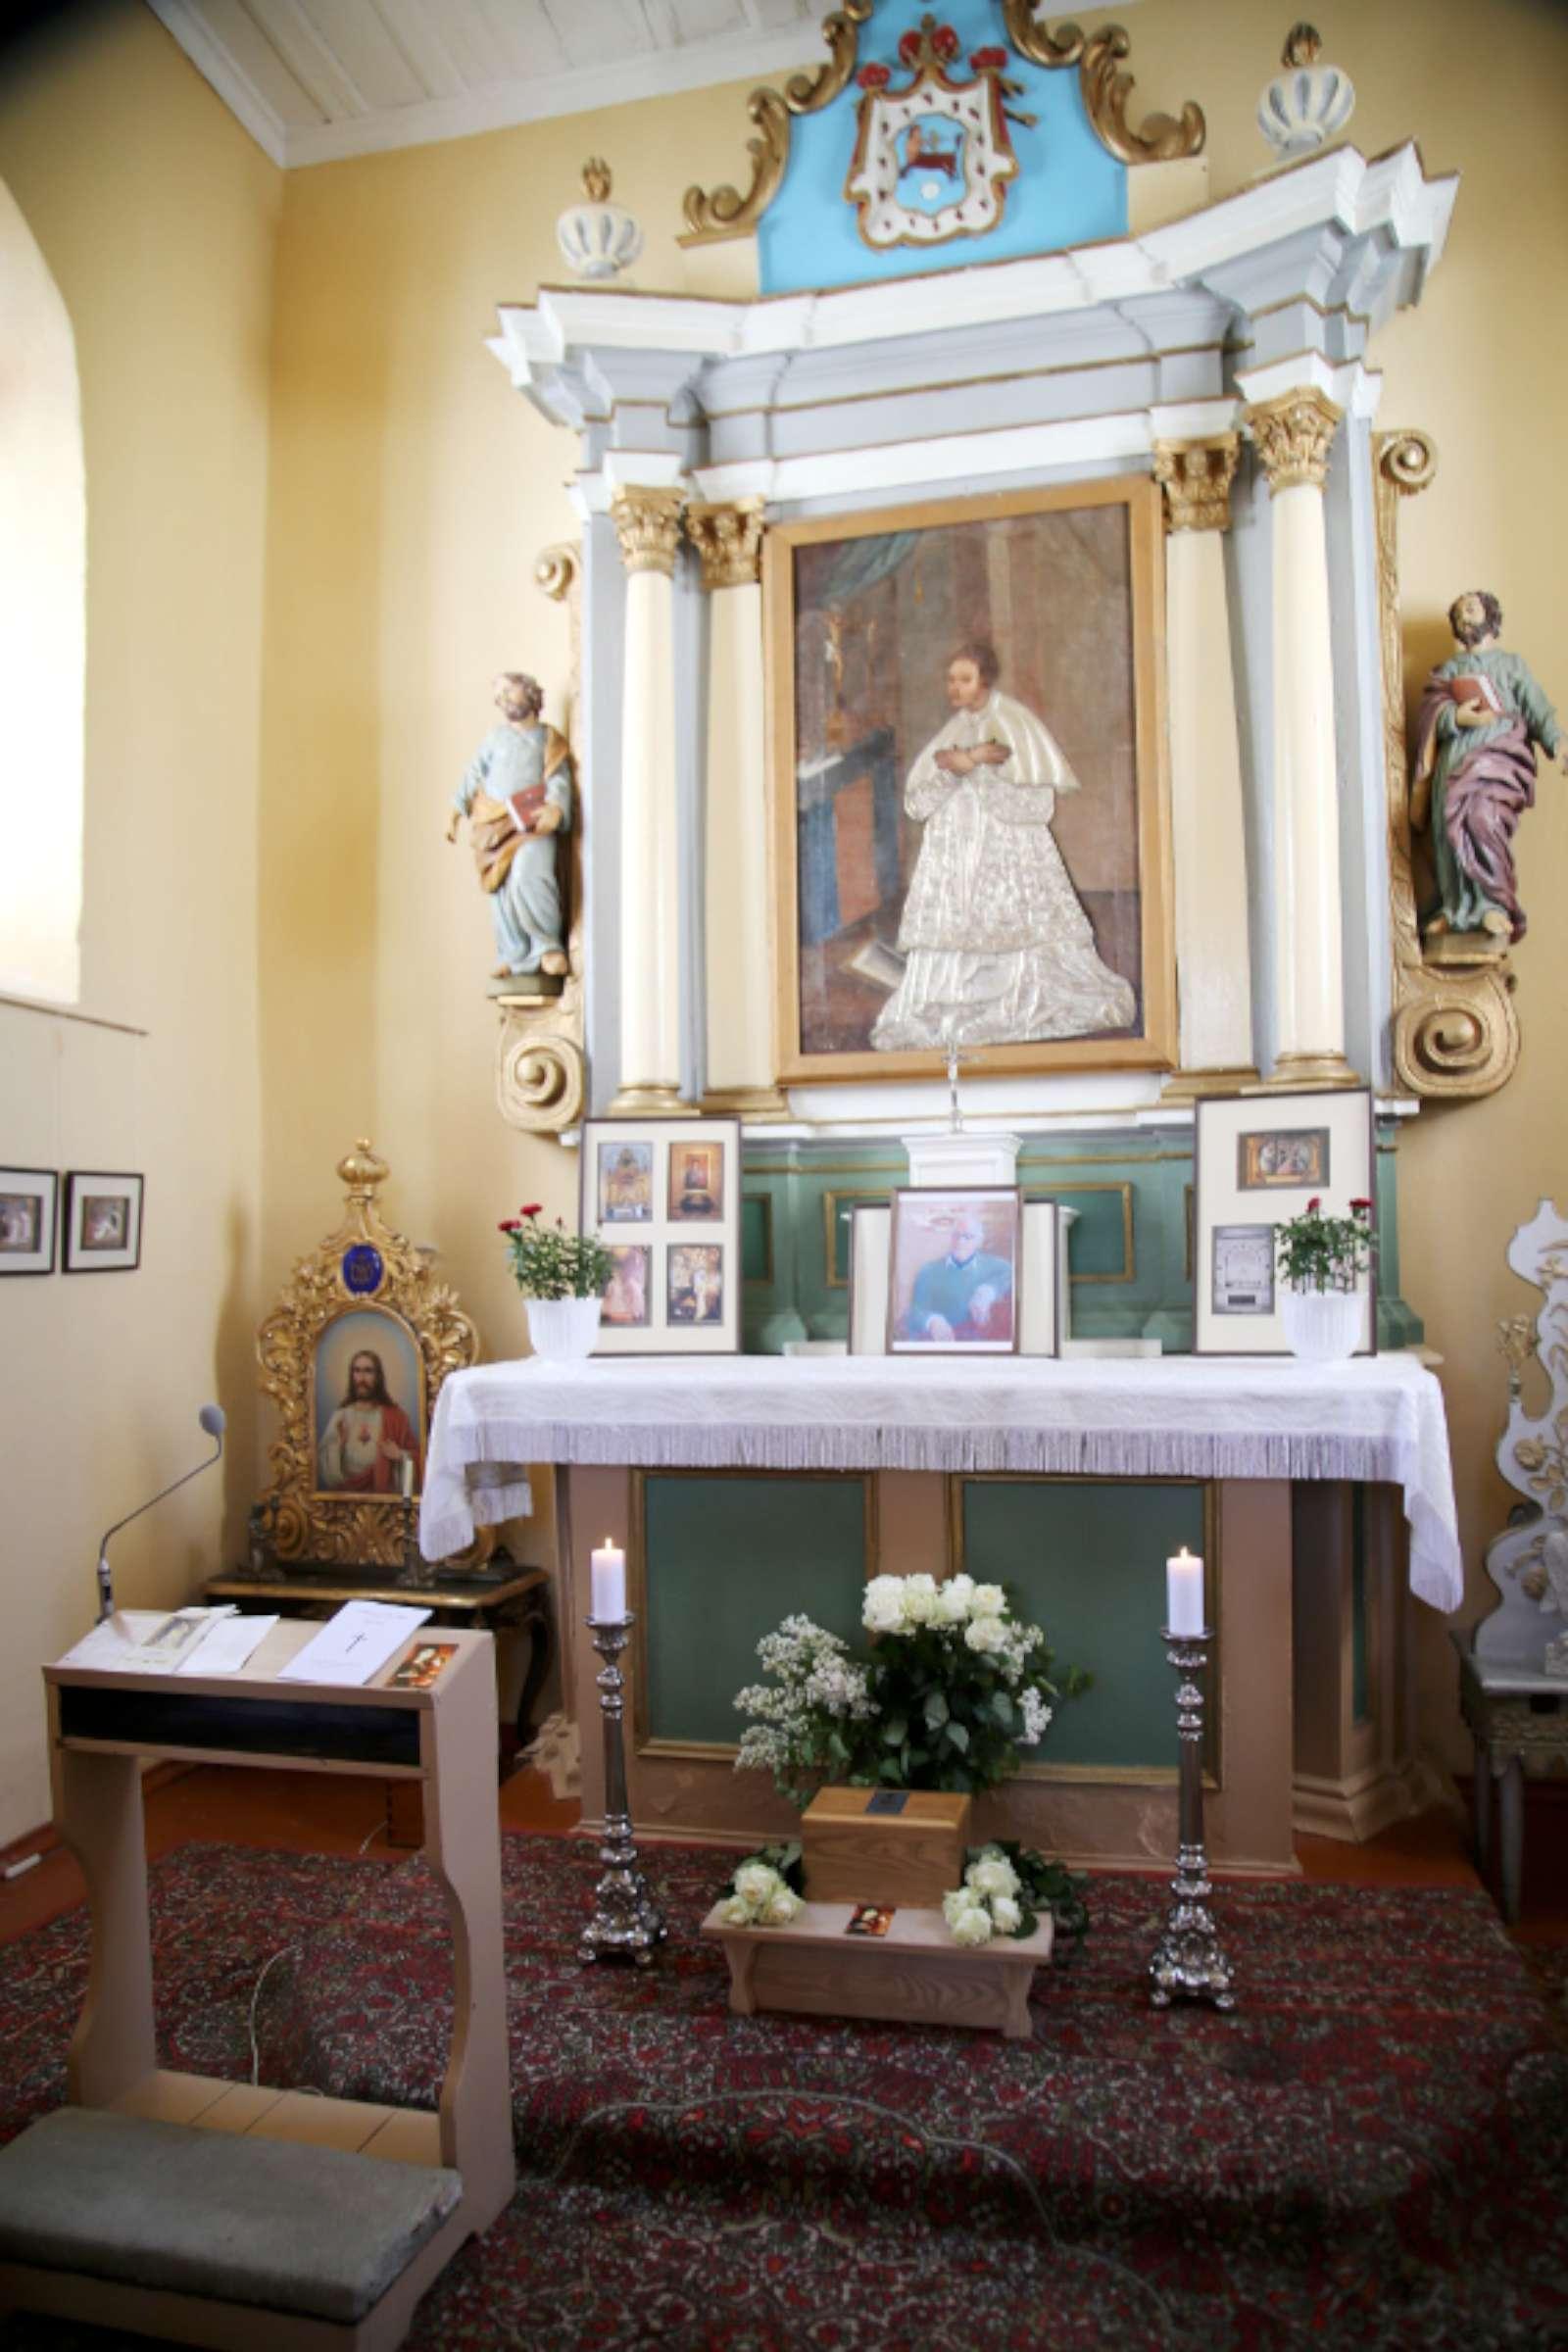 Iki birželio 2 d. Mykolo Jono Henriko Giedraičio urna saugoma Giedraičių koplyčioje | Rengėjų nuotr.